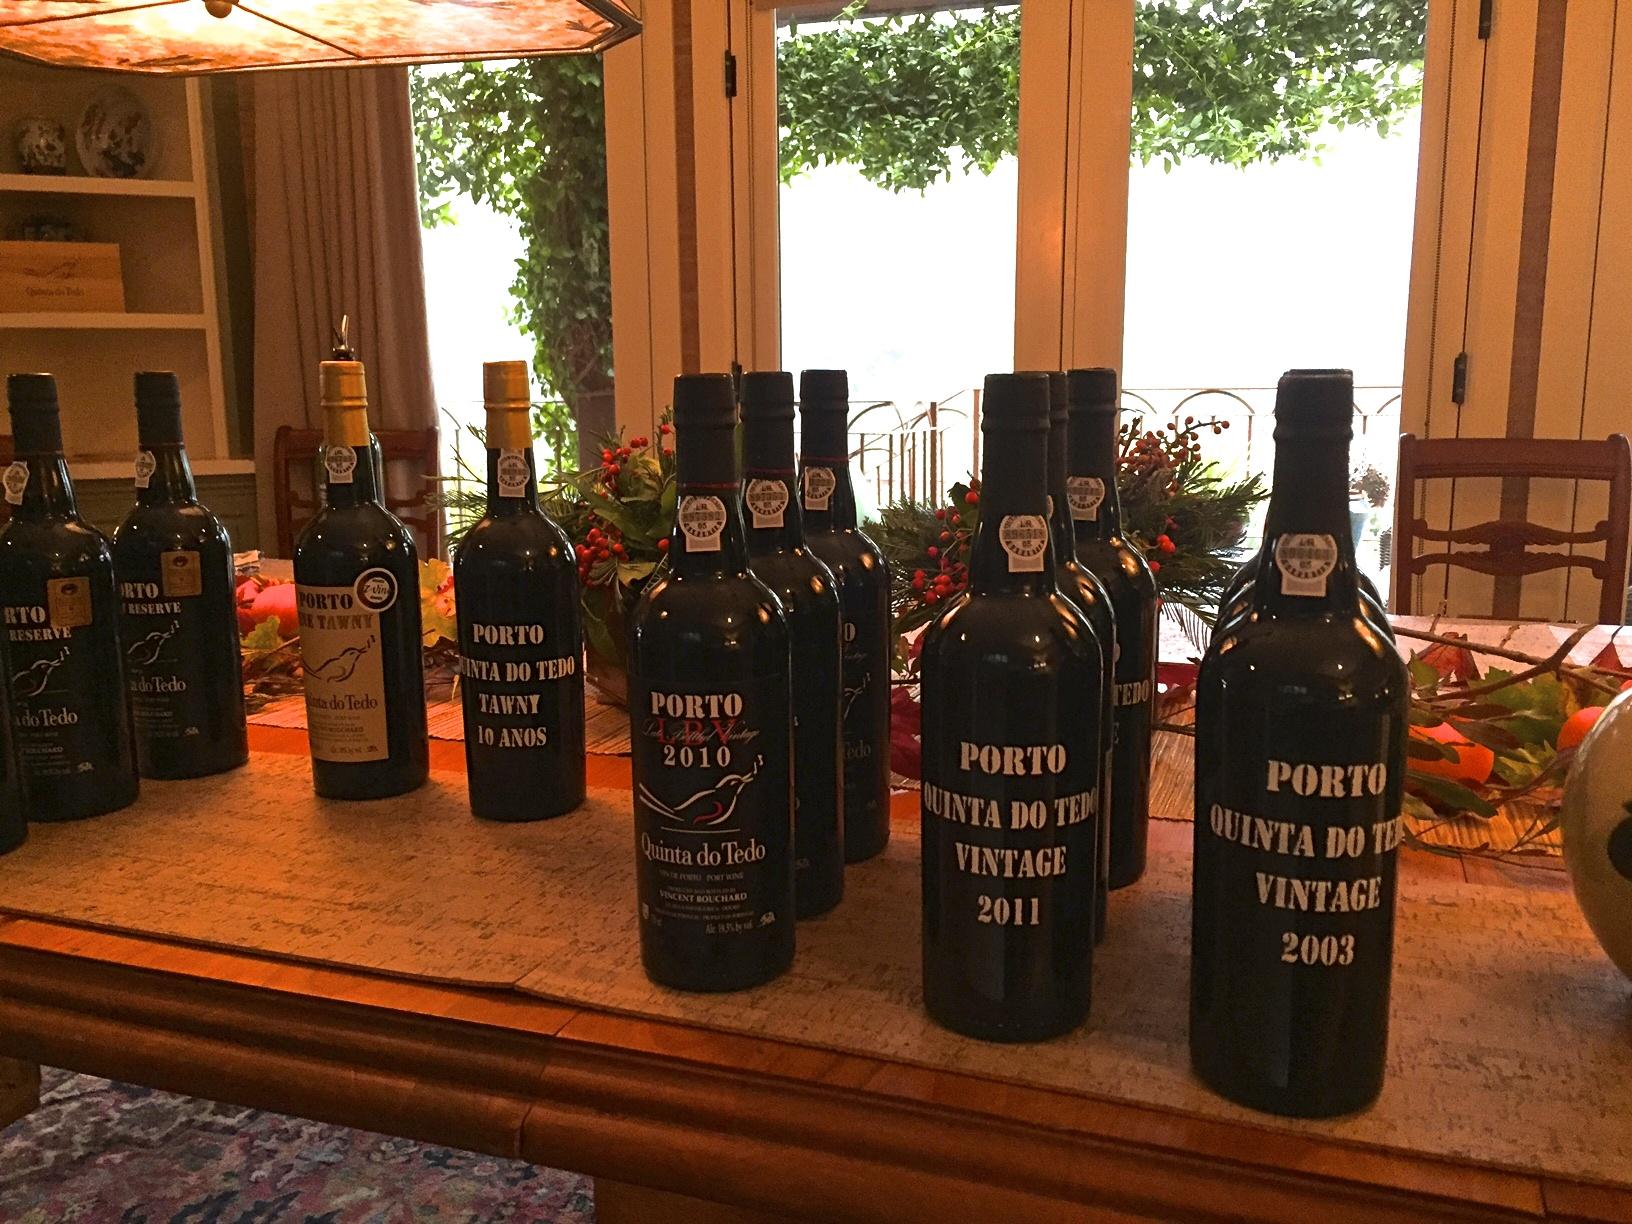 Porto line-up at a recent Quinta do Tedo tasting.